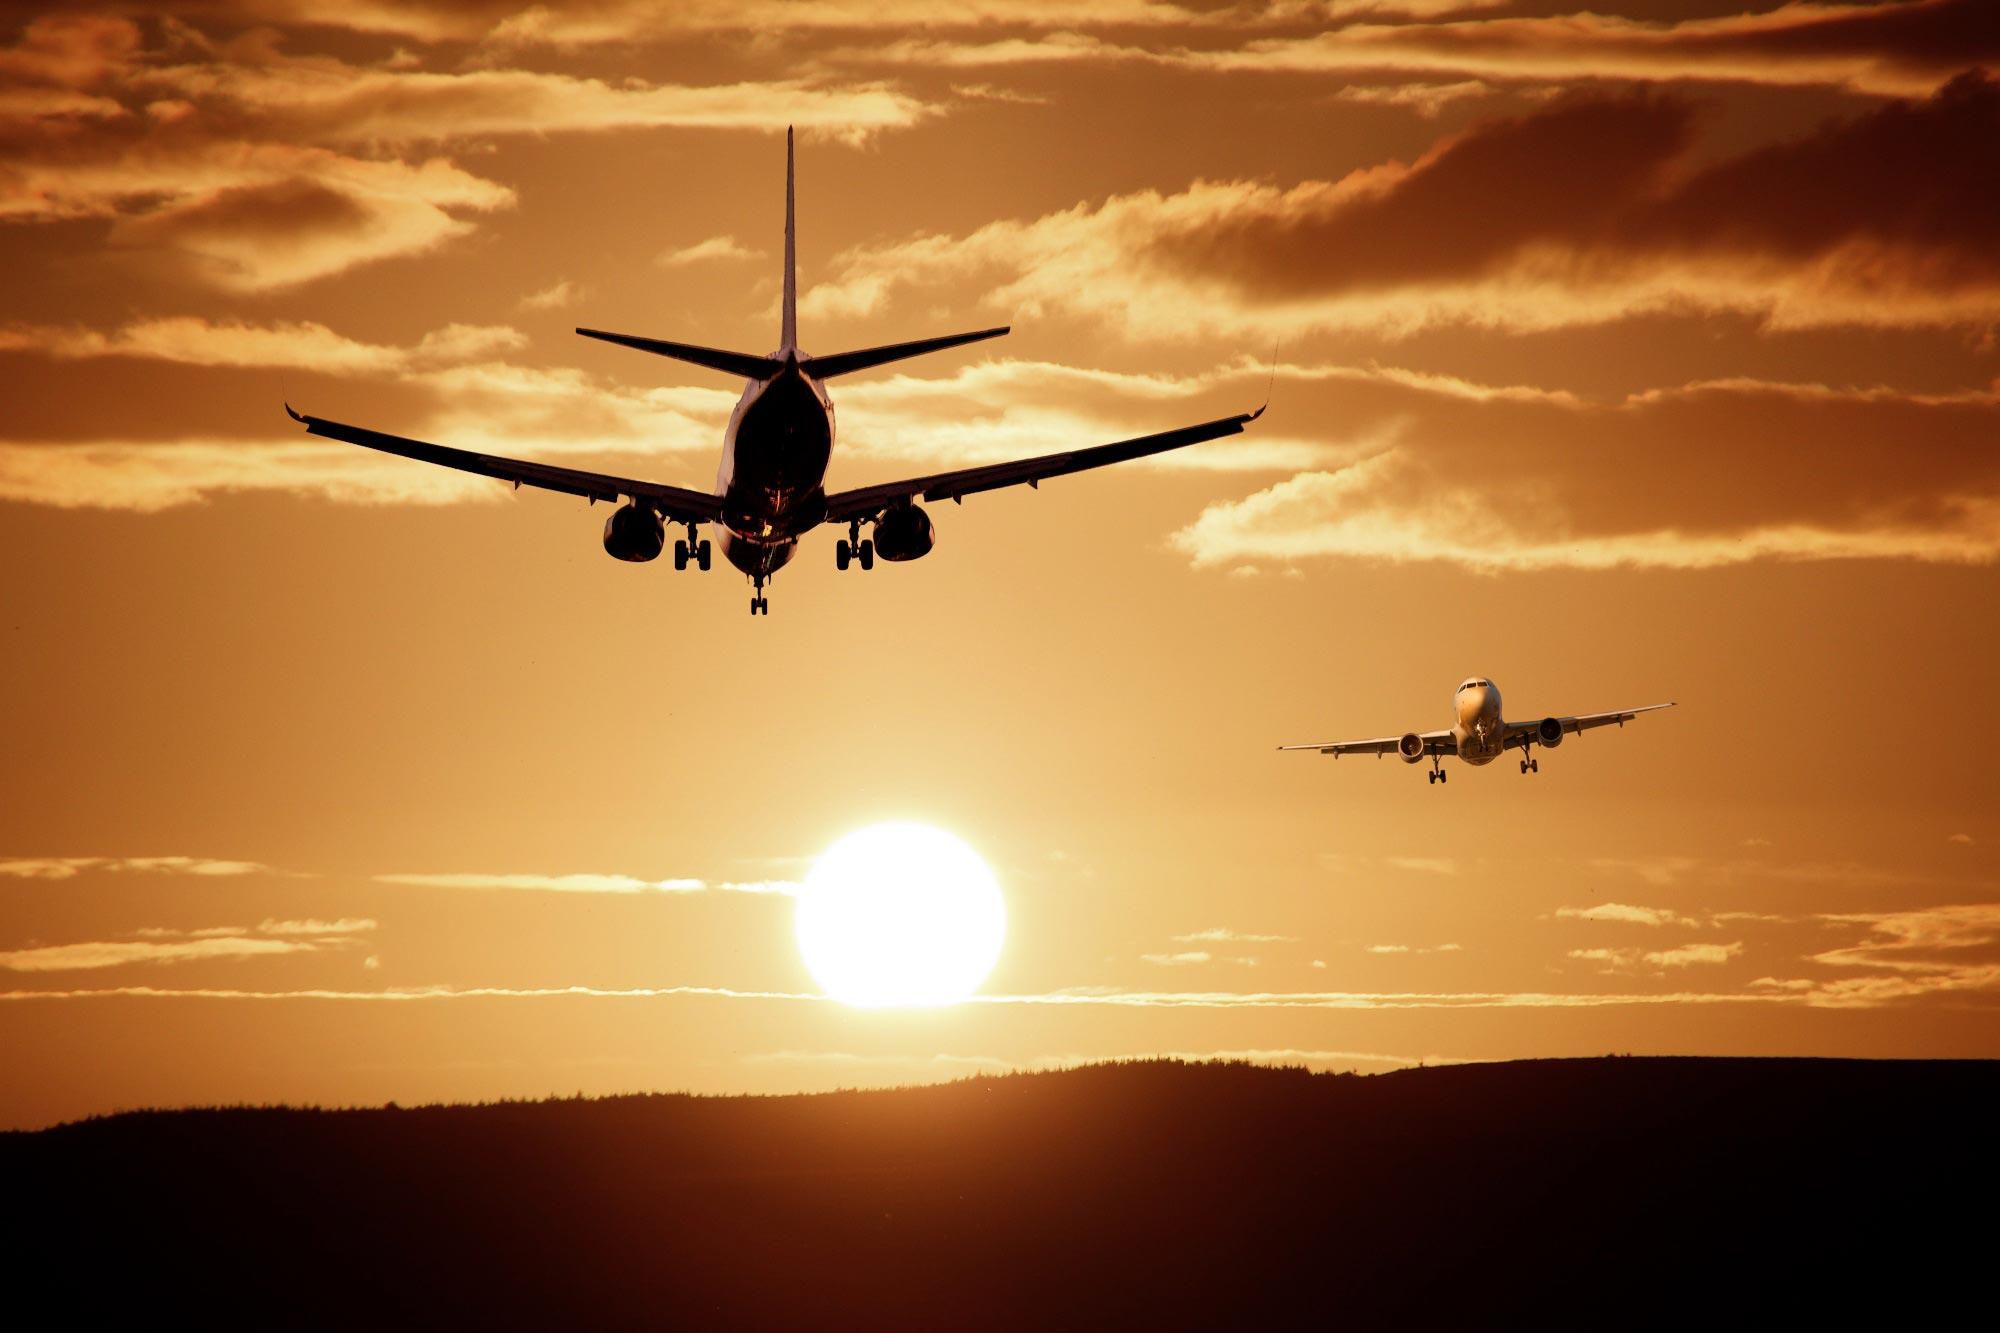 Deutschland hebt letzte Einschränkungen für Flüge nach Ägyptens Süd-Sinai auf